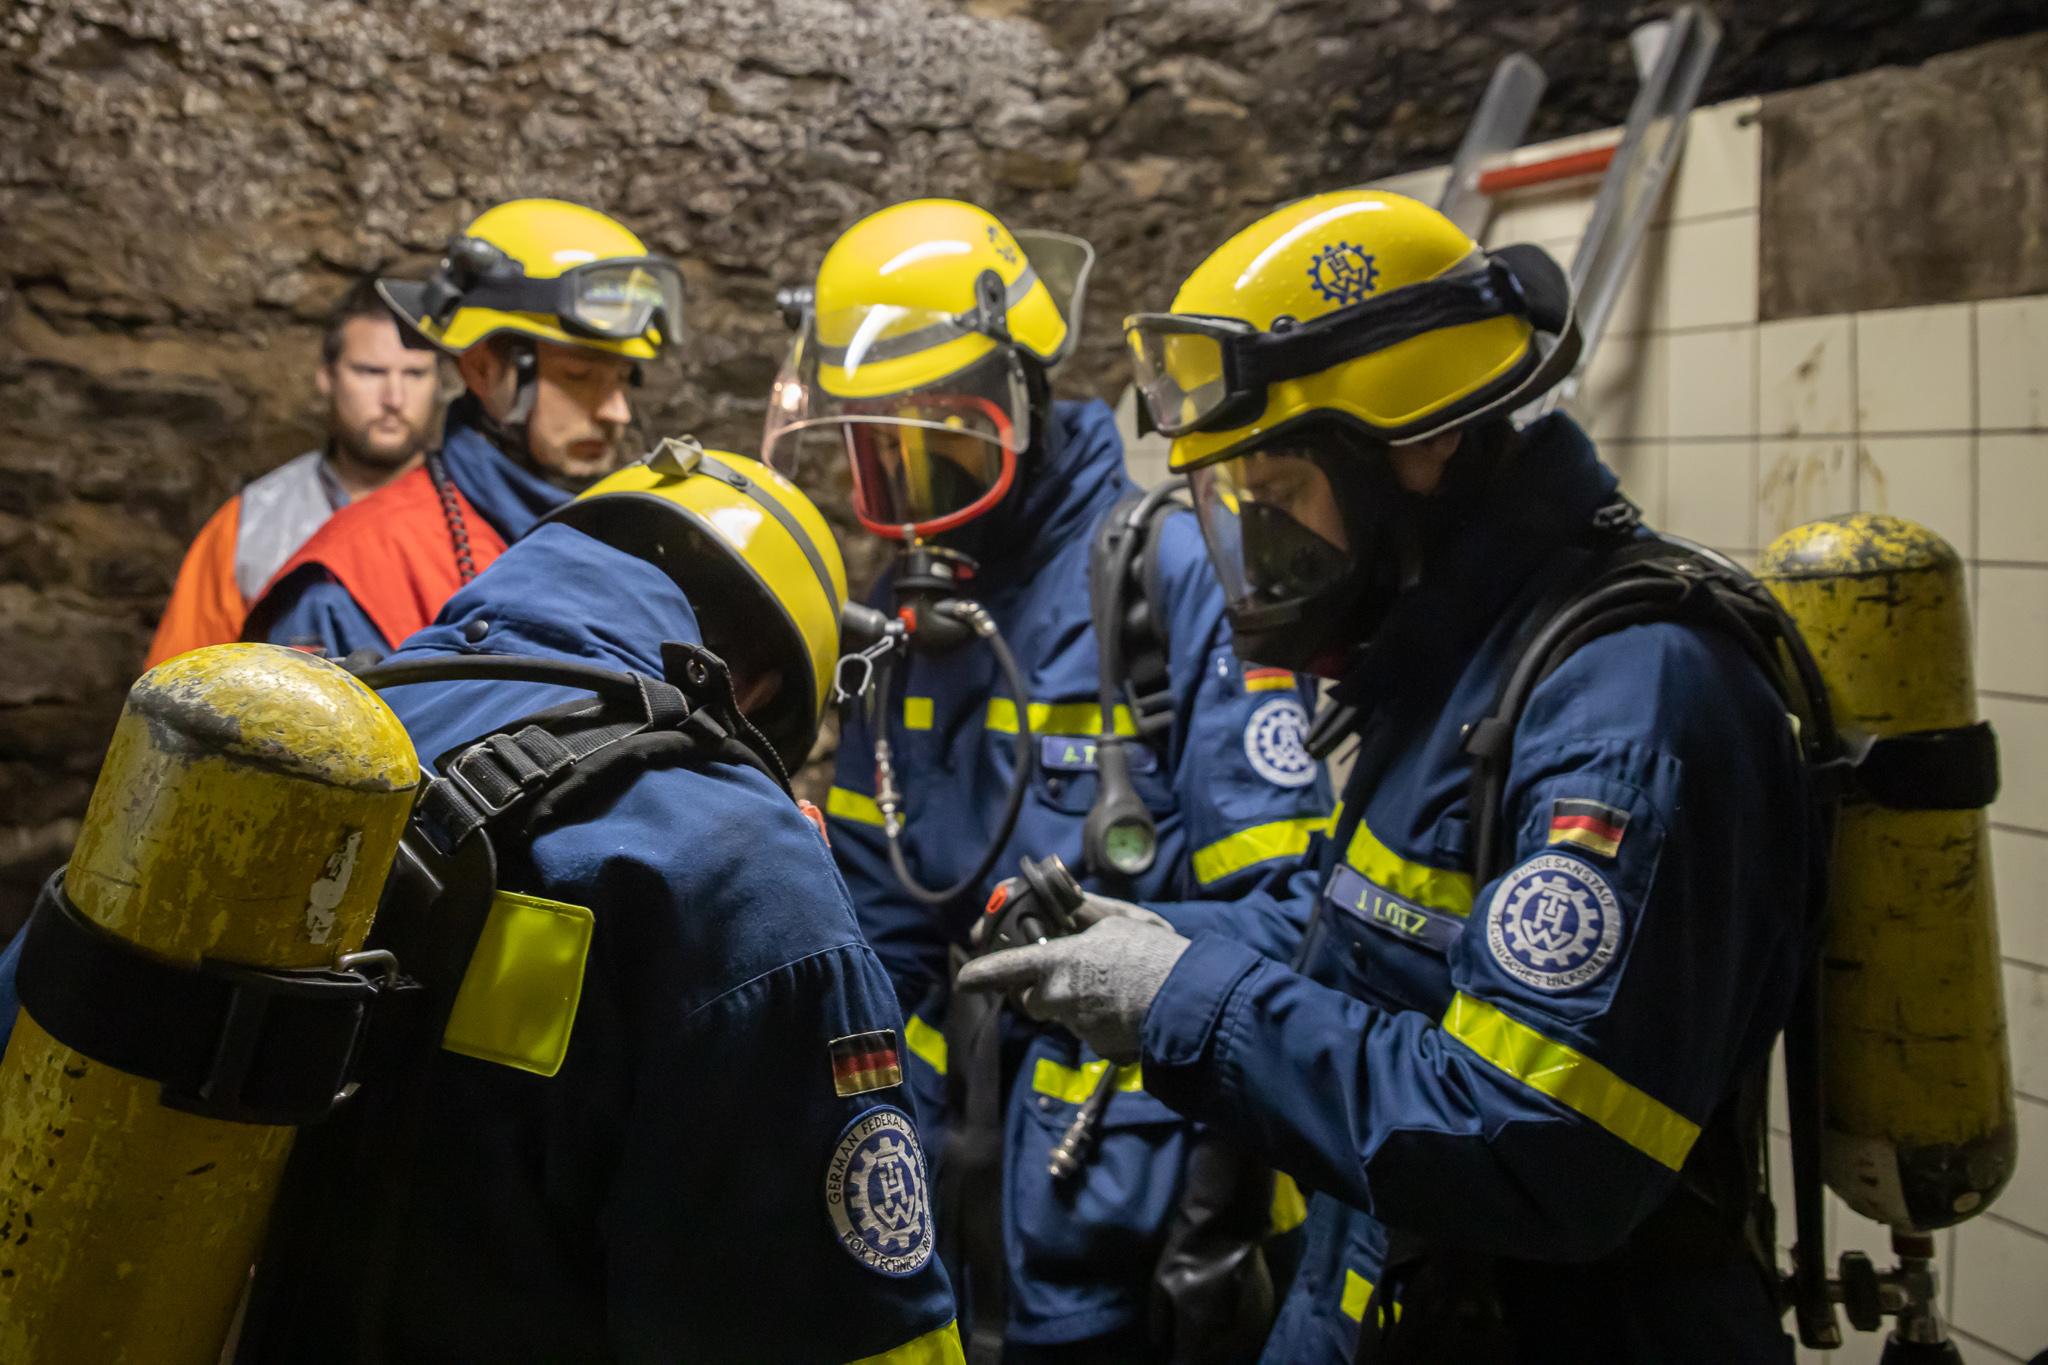 FeuerwehrSim 2019 Weinkeller-8